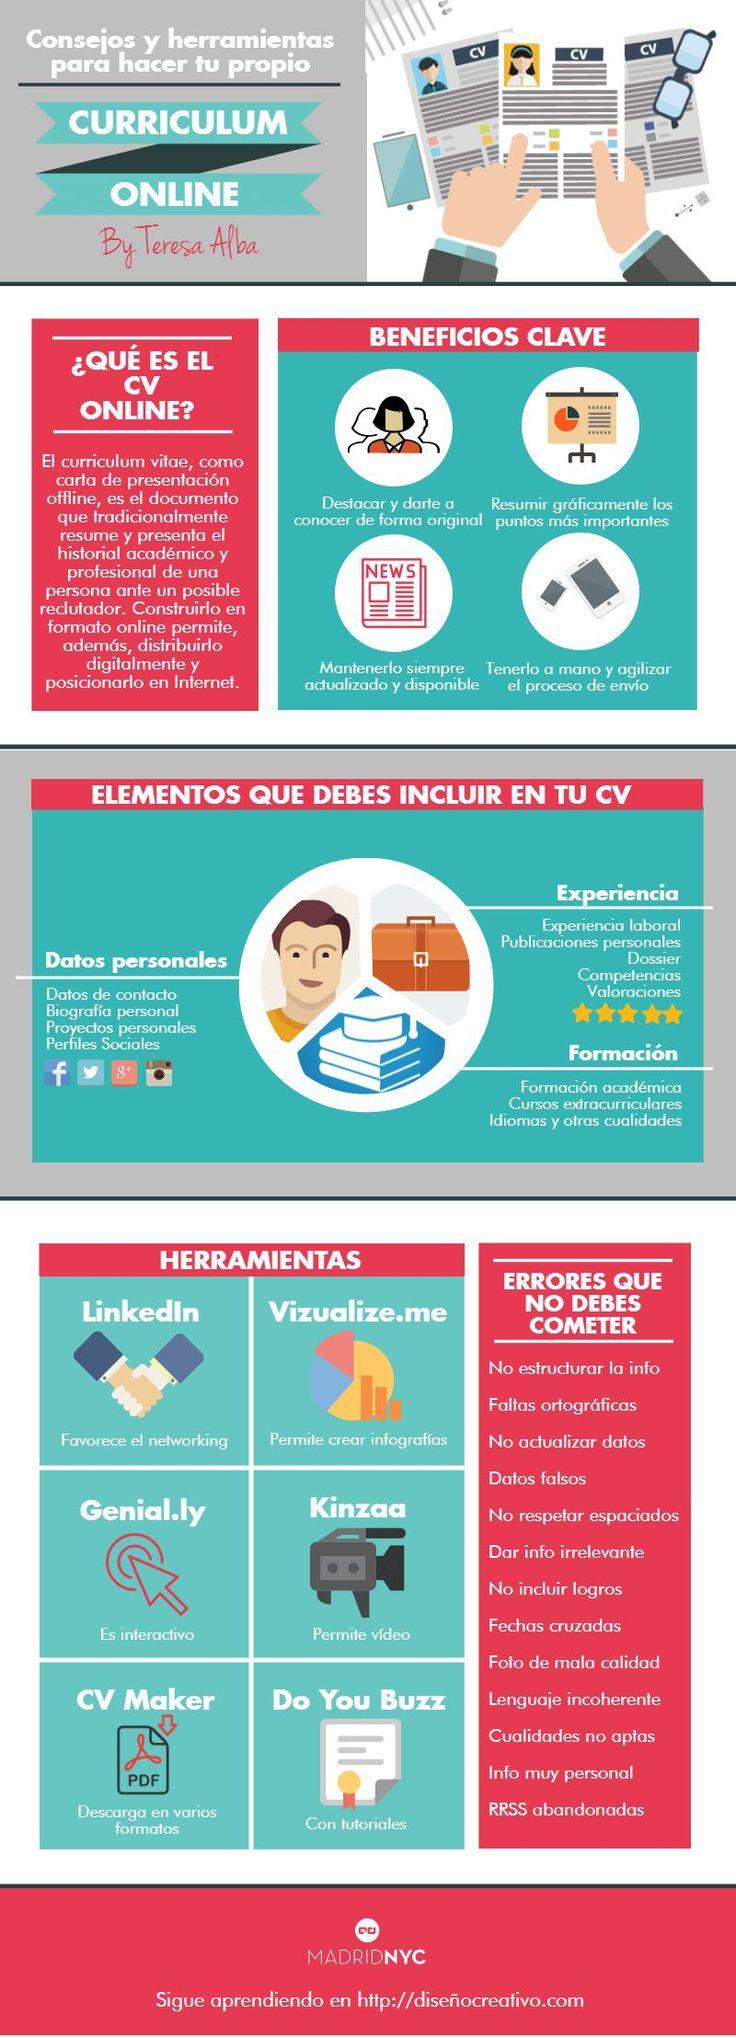 Excelente infografía que nos ofrece valiosos consejos para disponer de un atractivo CV online y nos indica las mejores herramientas para crearlo.